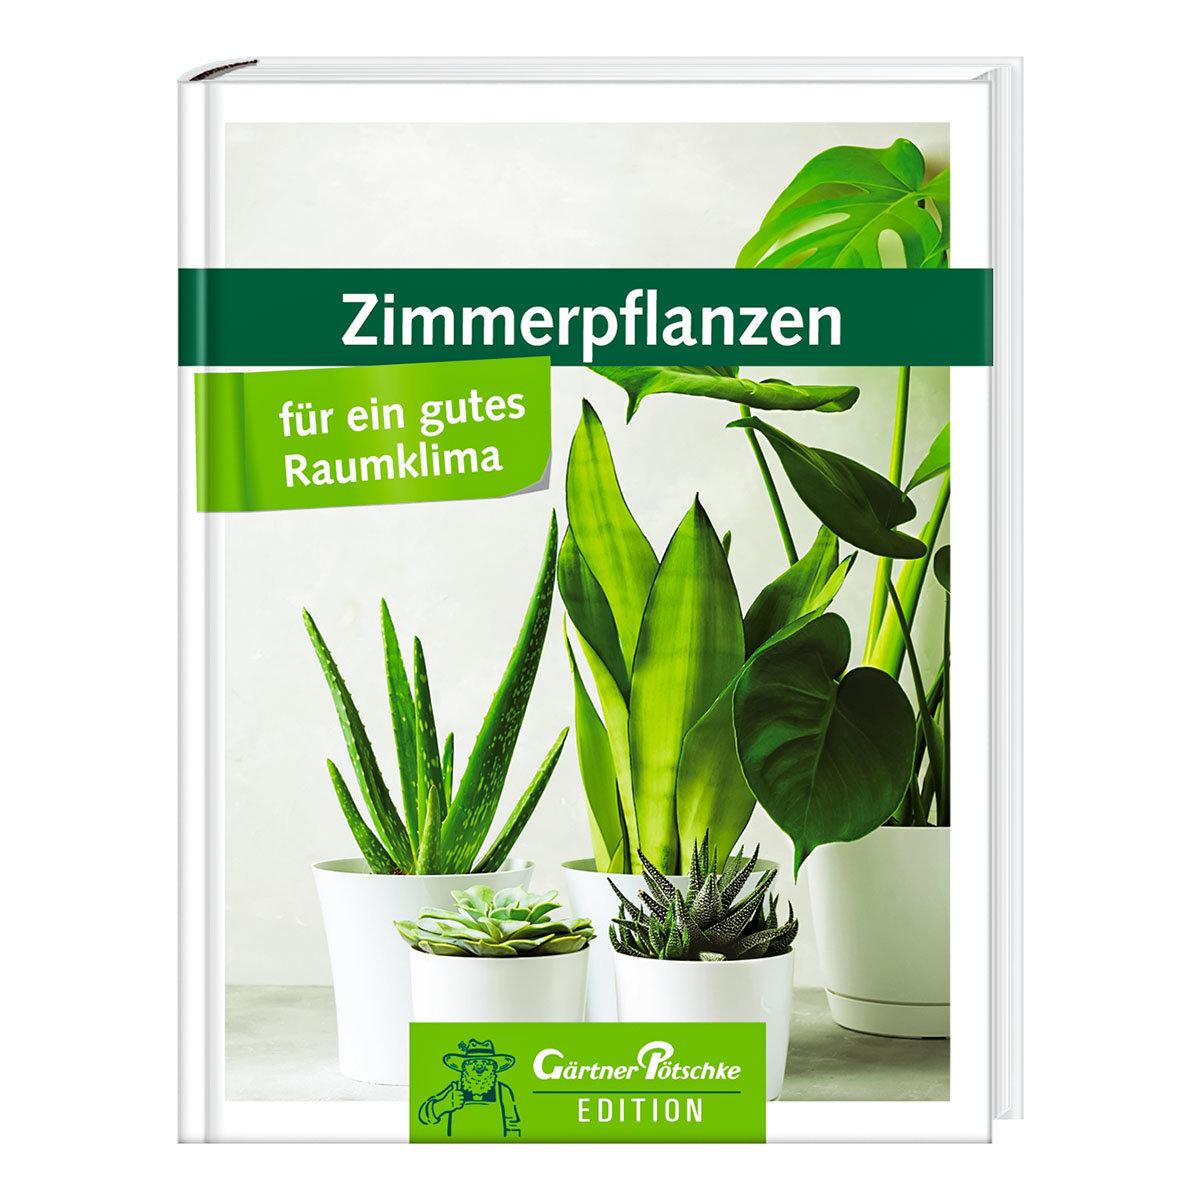 Zimmerpflanzen für ein gutes Raumklima